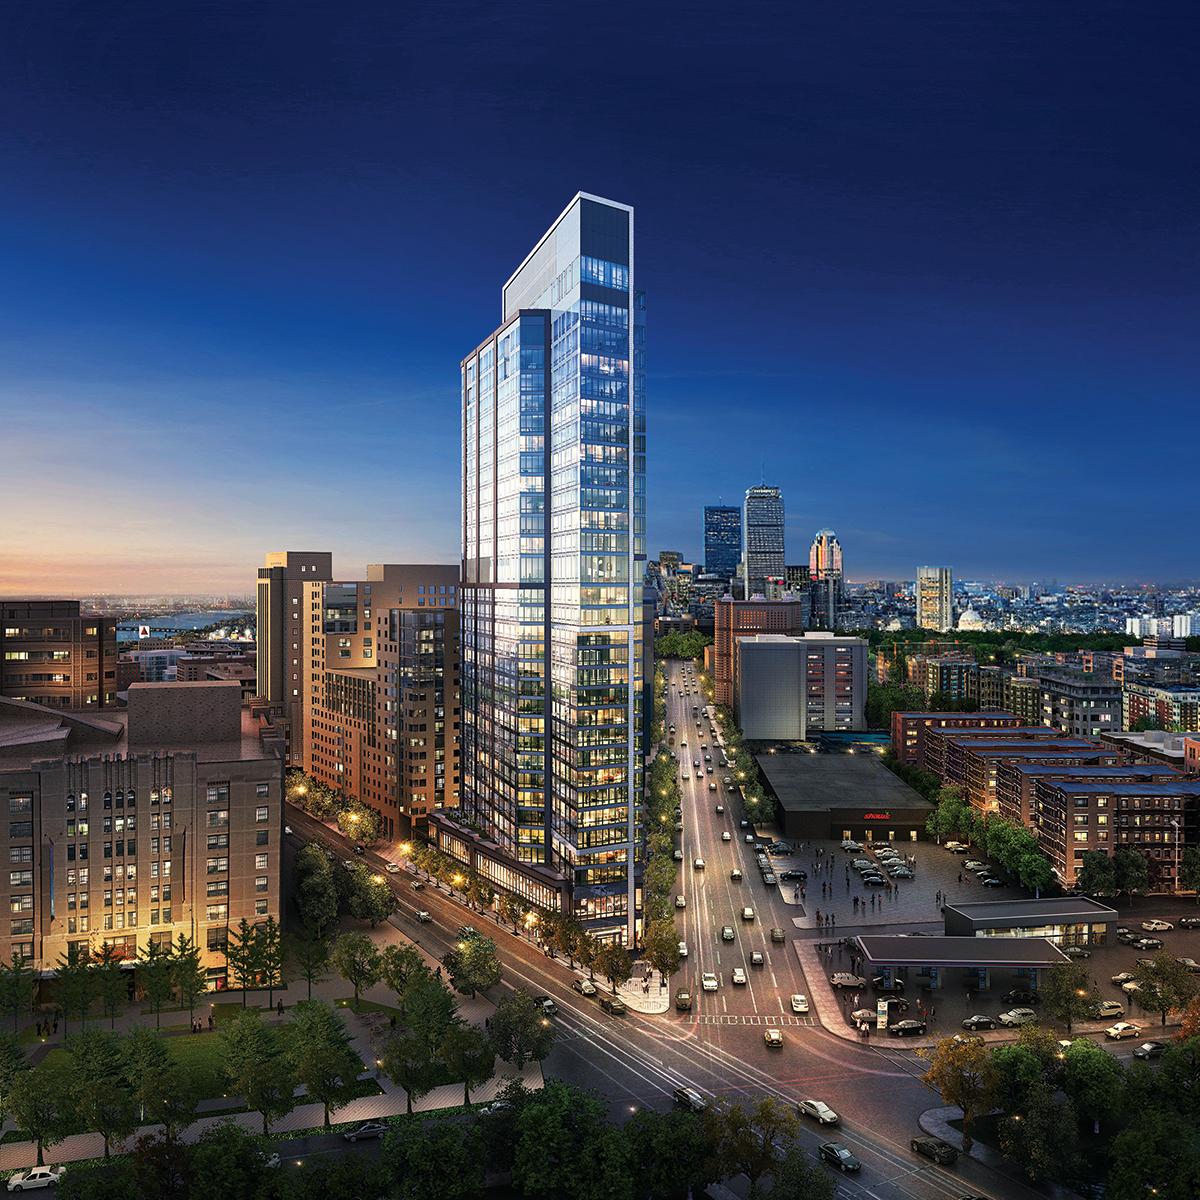 Boston Luxury Apartments: Who Really Owns Boston?